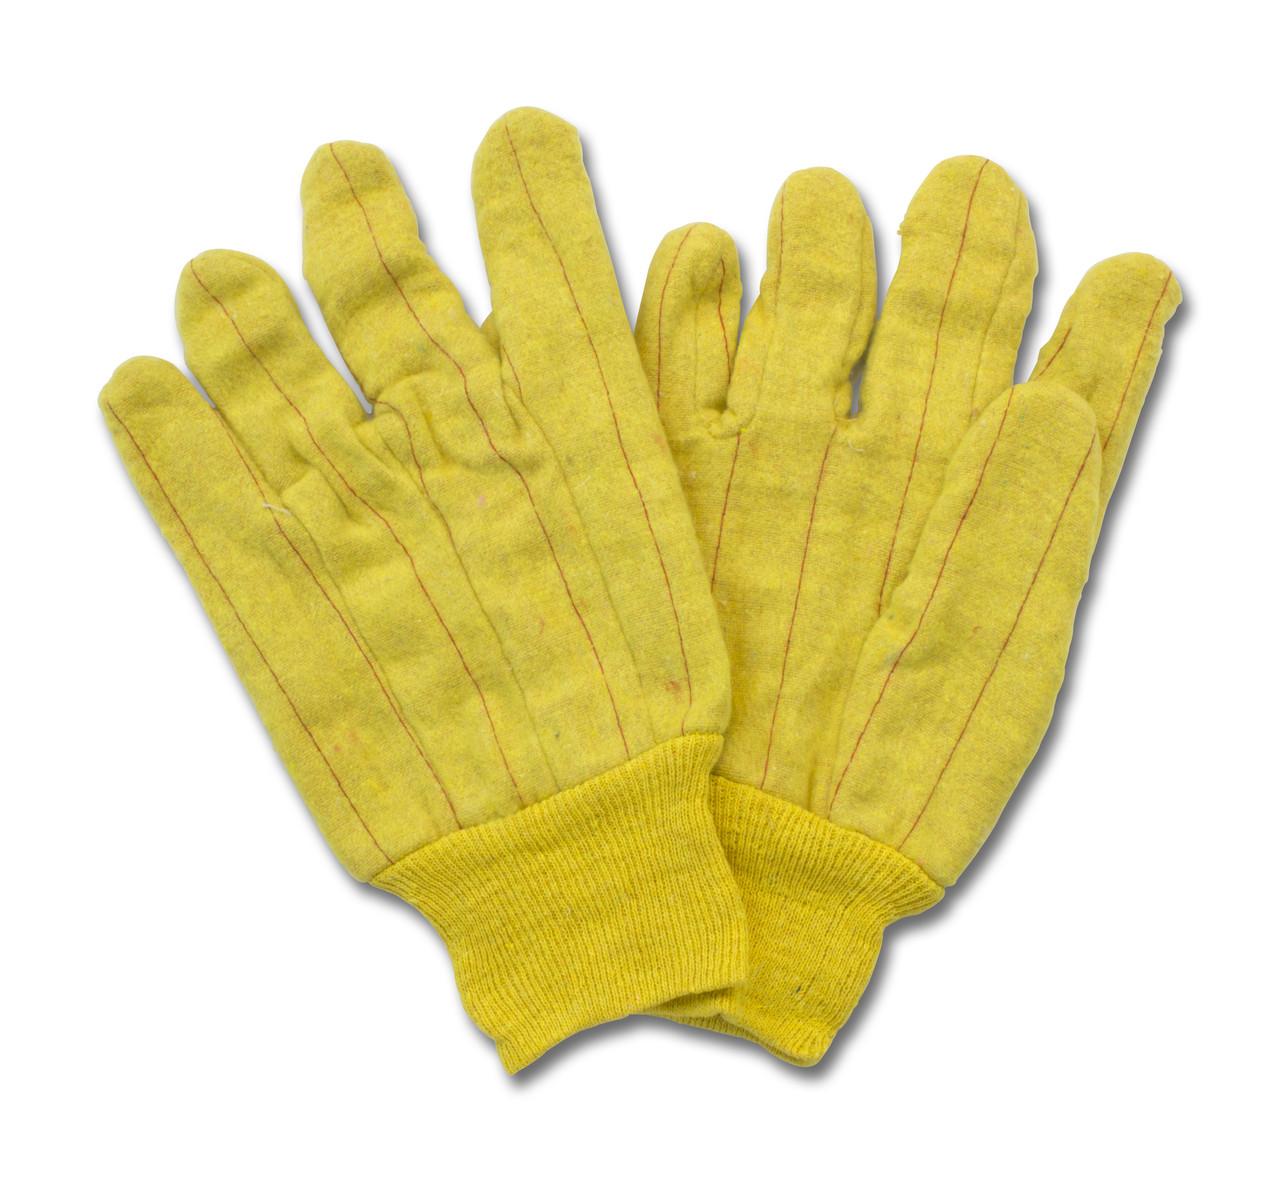 17 Oz. Golden Fleece Chore, Knit Wrist, 1DZ Pair/Bag 10DZ/CS, One Siz